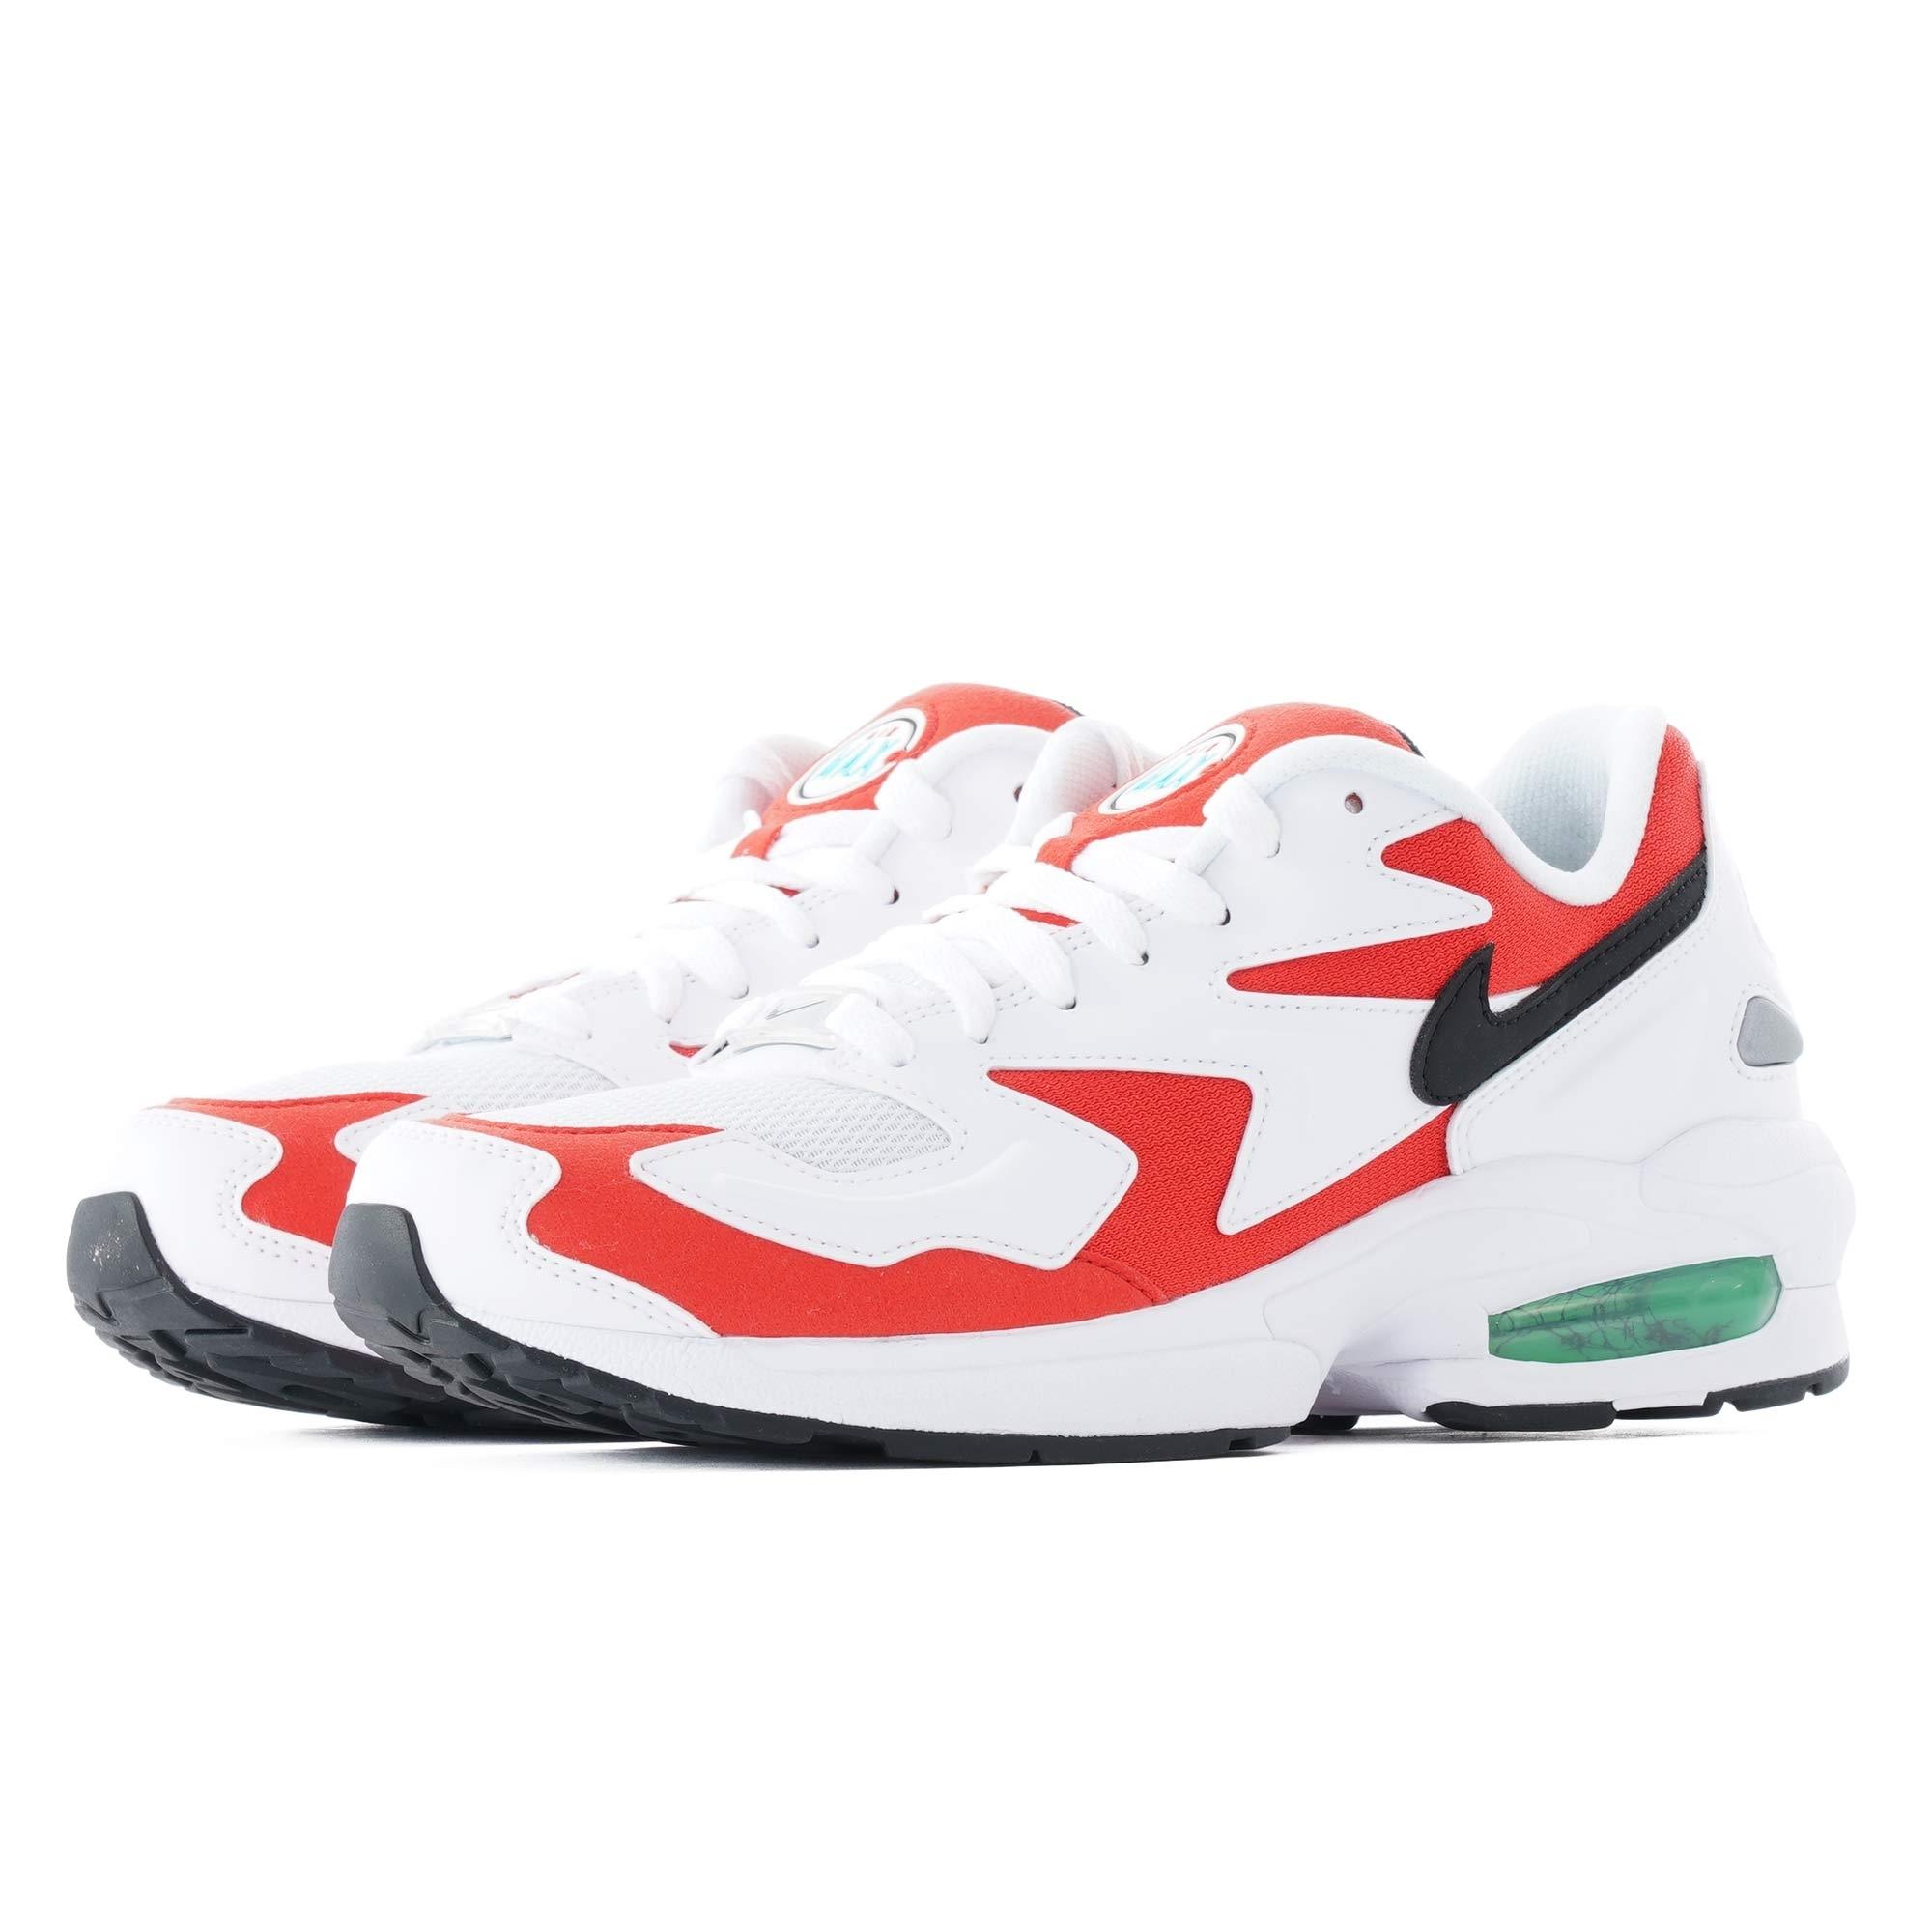 Nike Air Max 2 Light OG